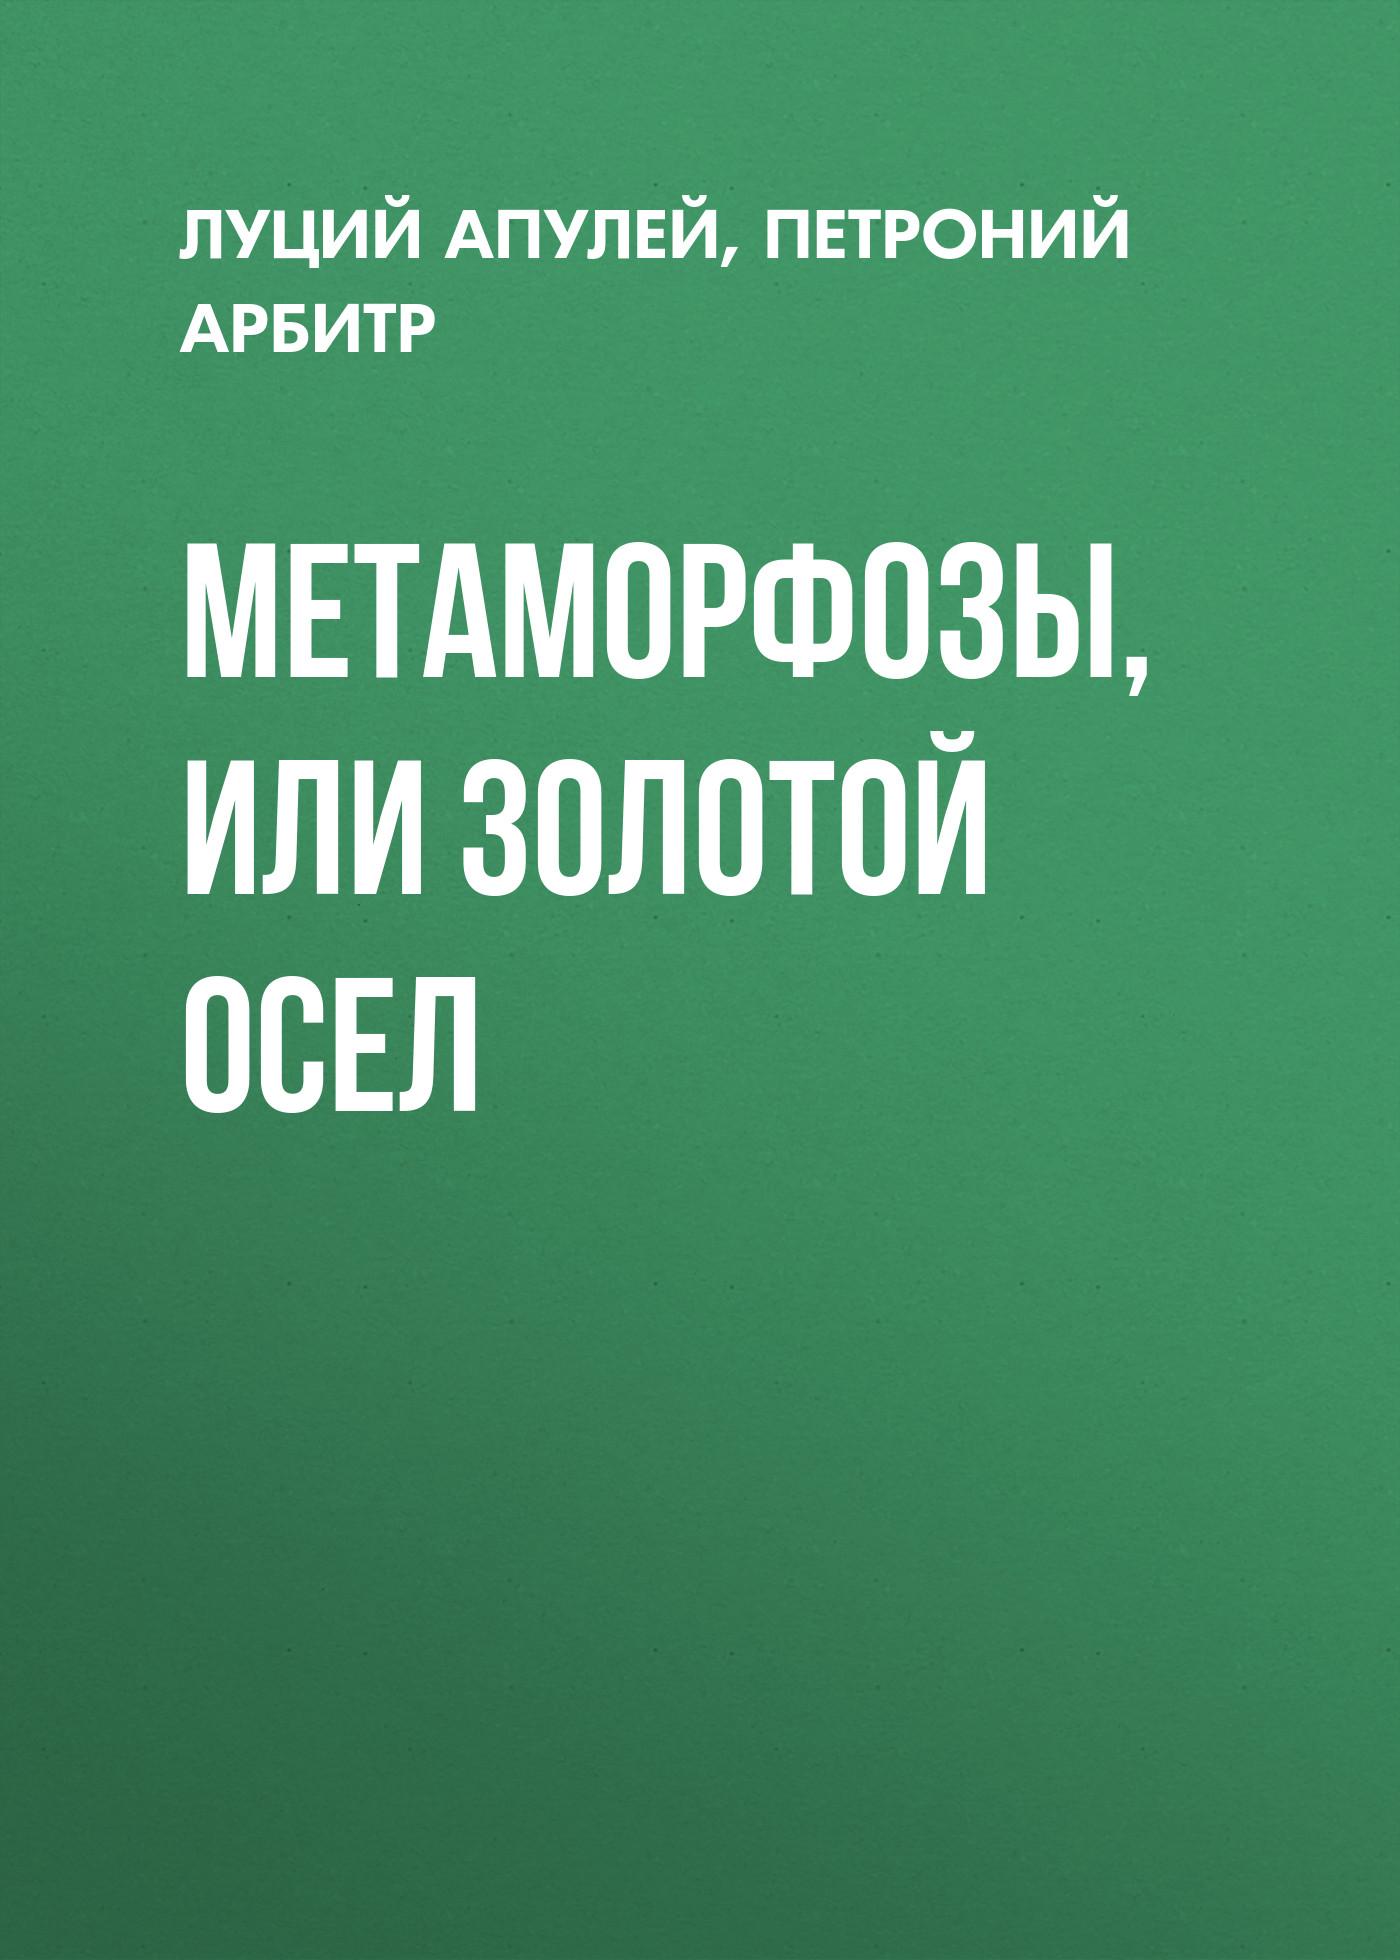 Метаморфозы, или Золотой осел (сборник)